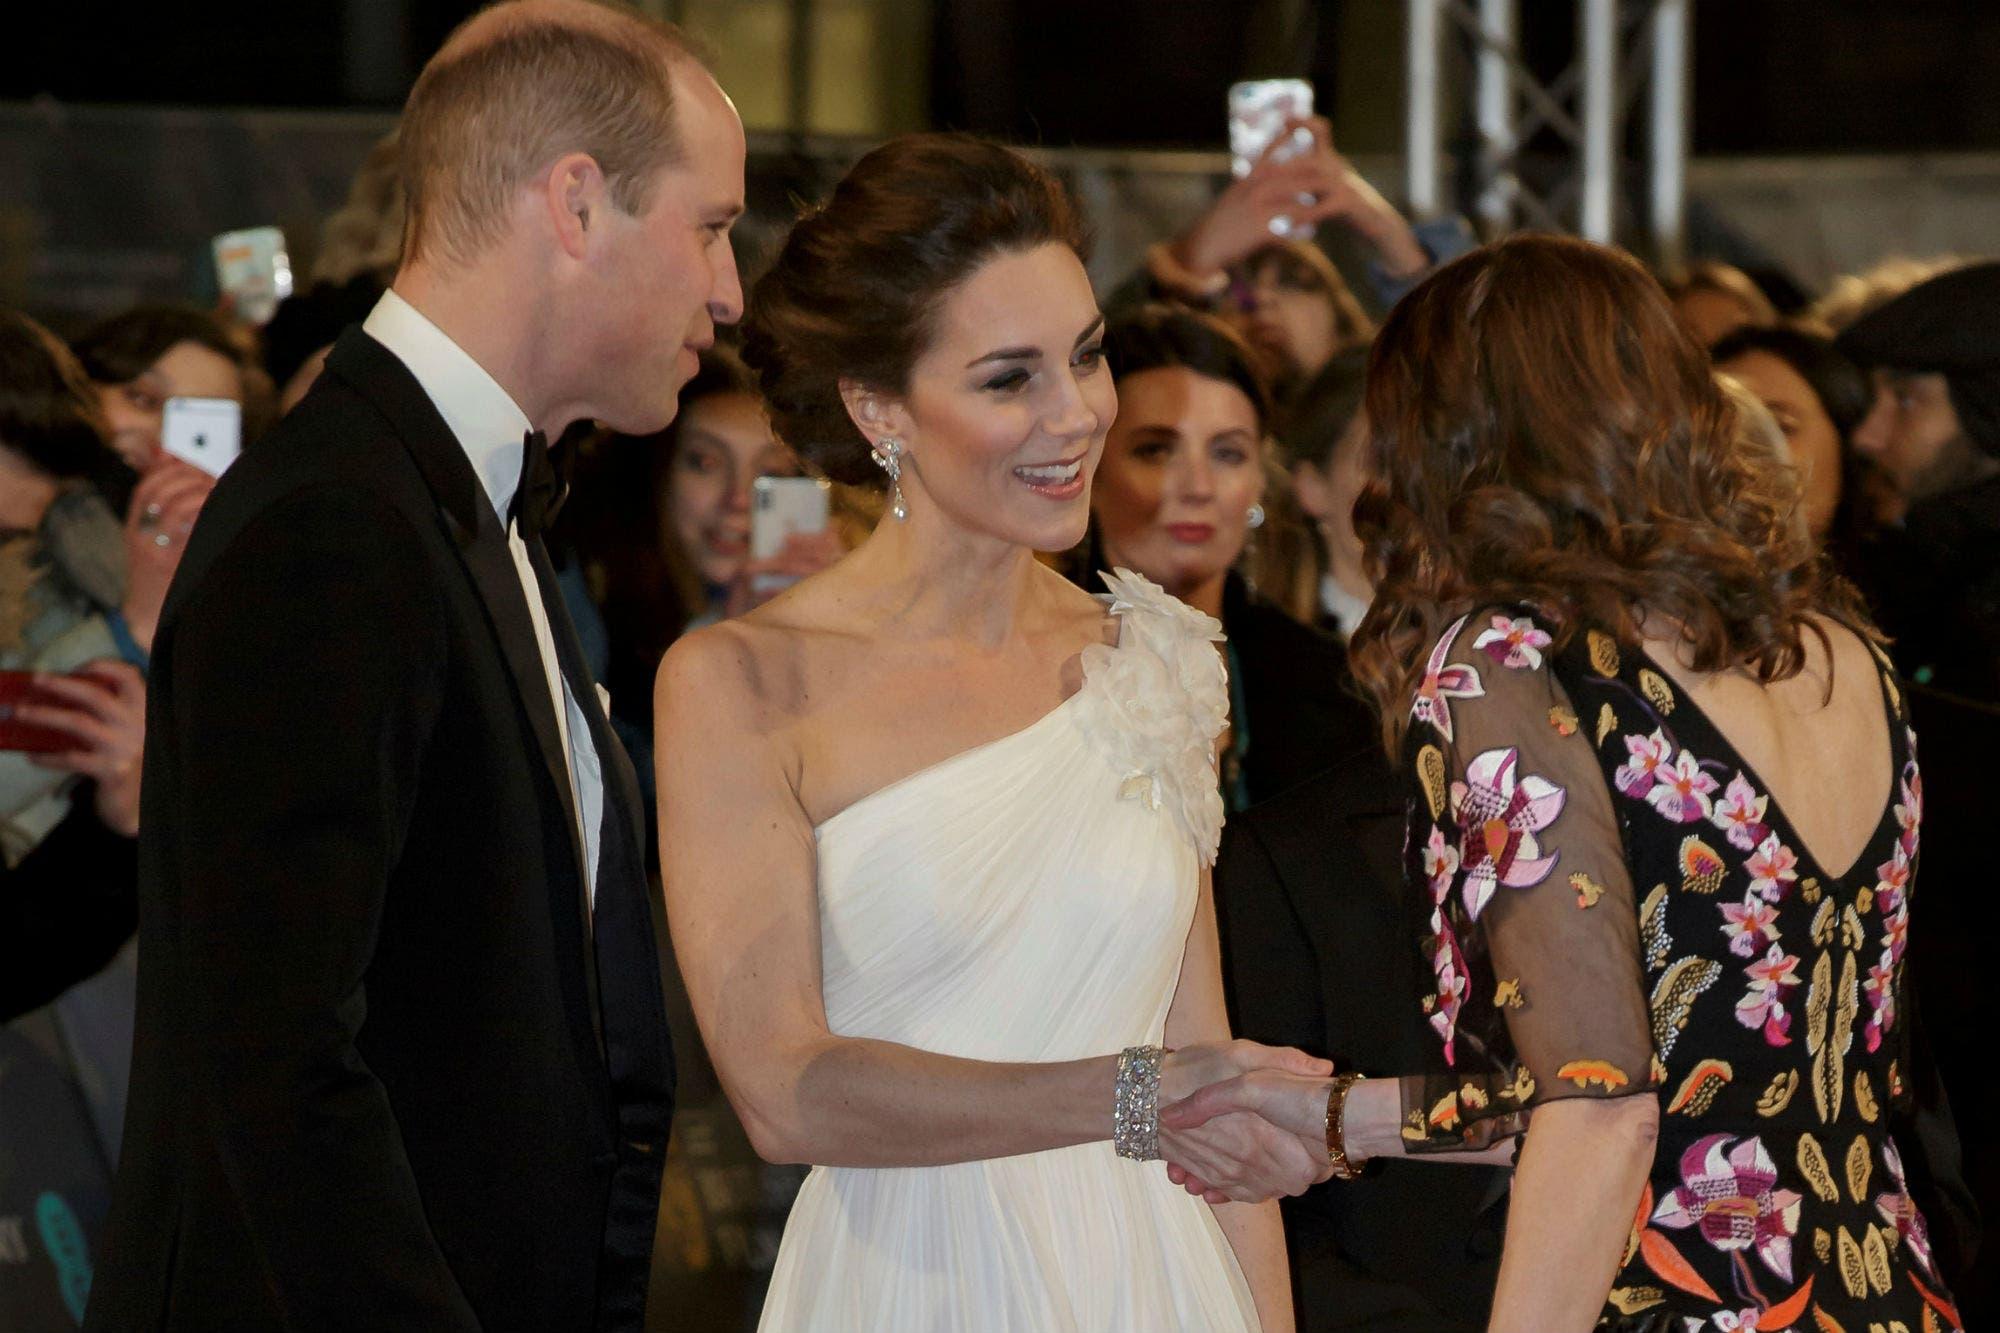 Premios BAFTA 2019: Kate Middleton y el príncipe William deslumbraron en la alfombra roja